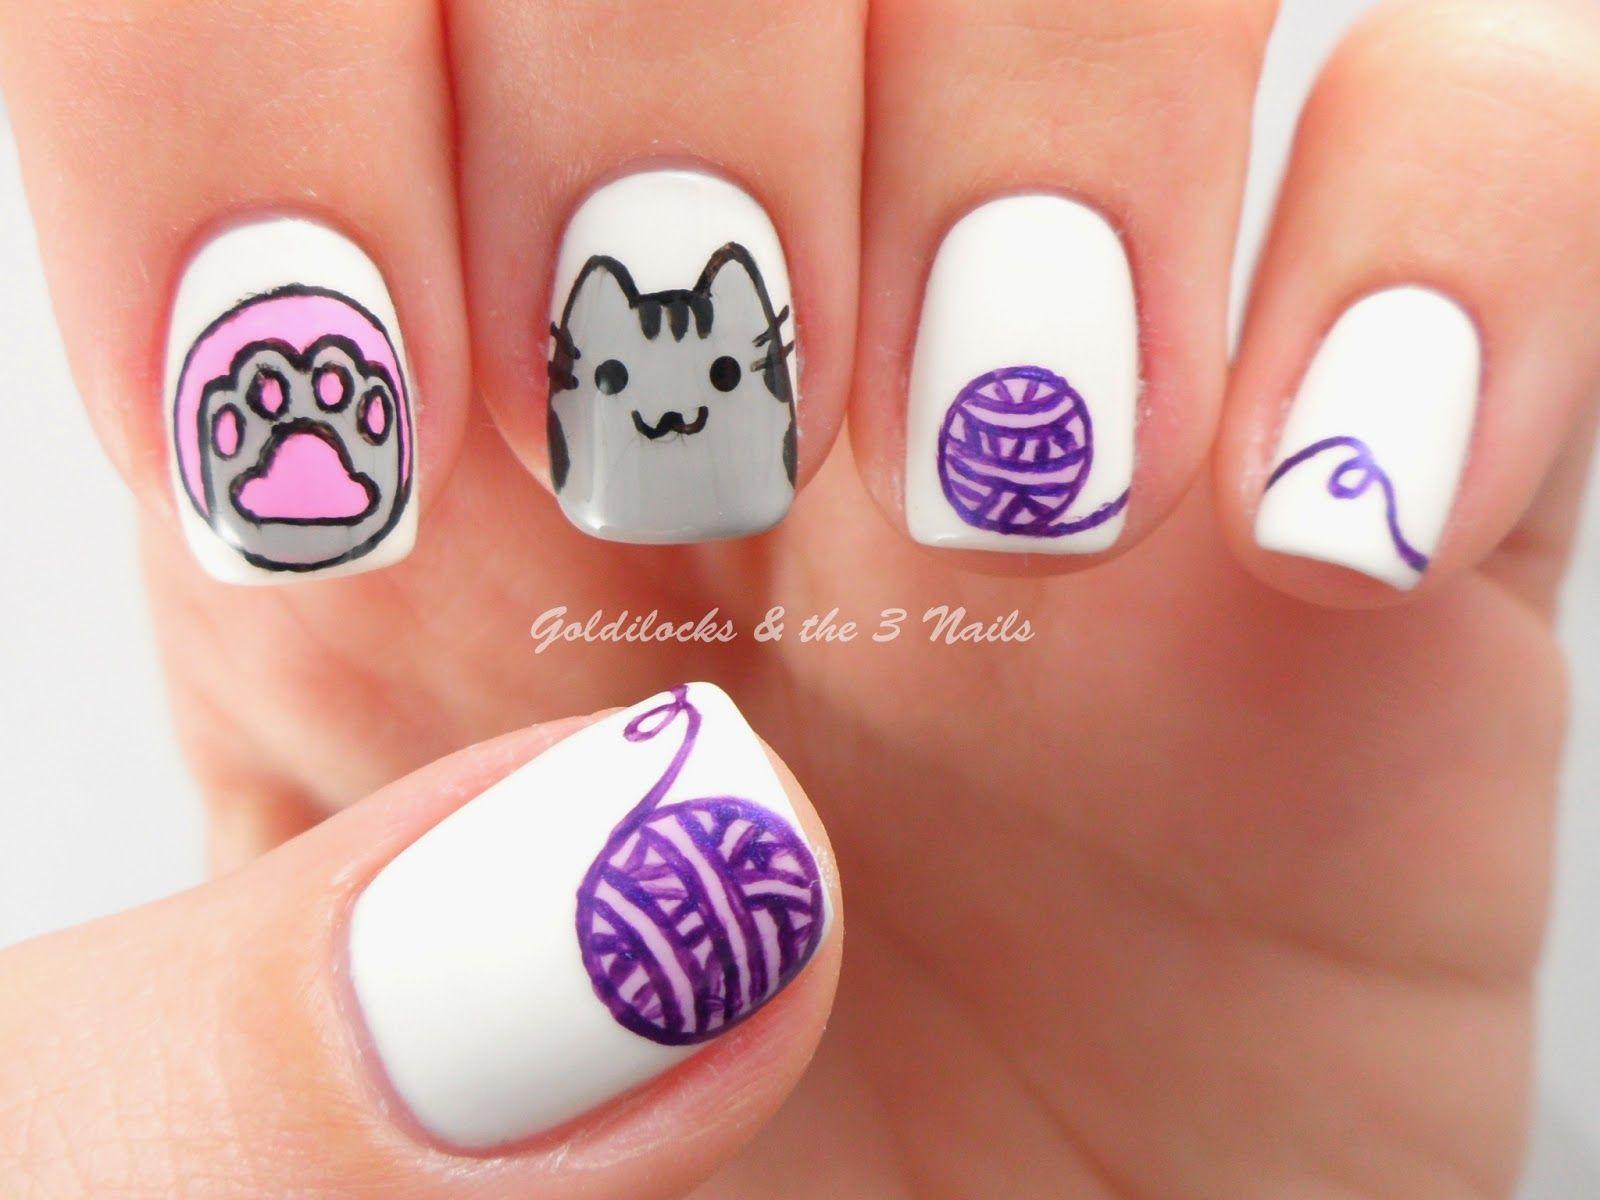 goldilocks u0026 the three nails pusheen cat nail art nail art